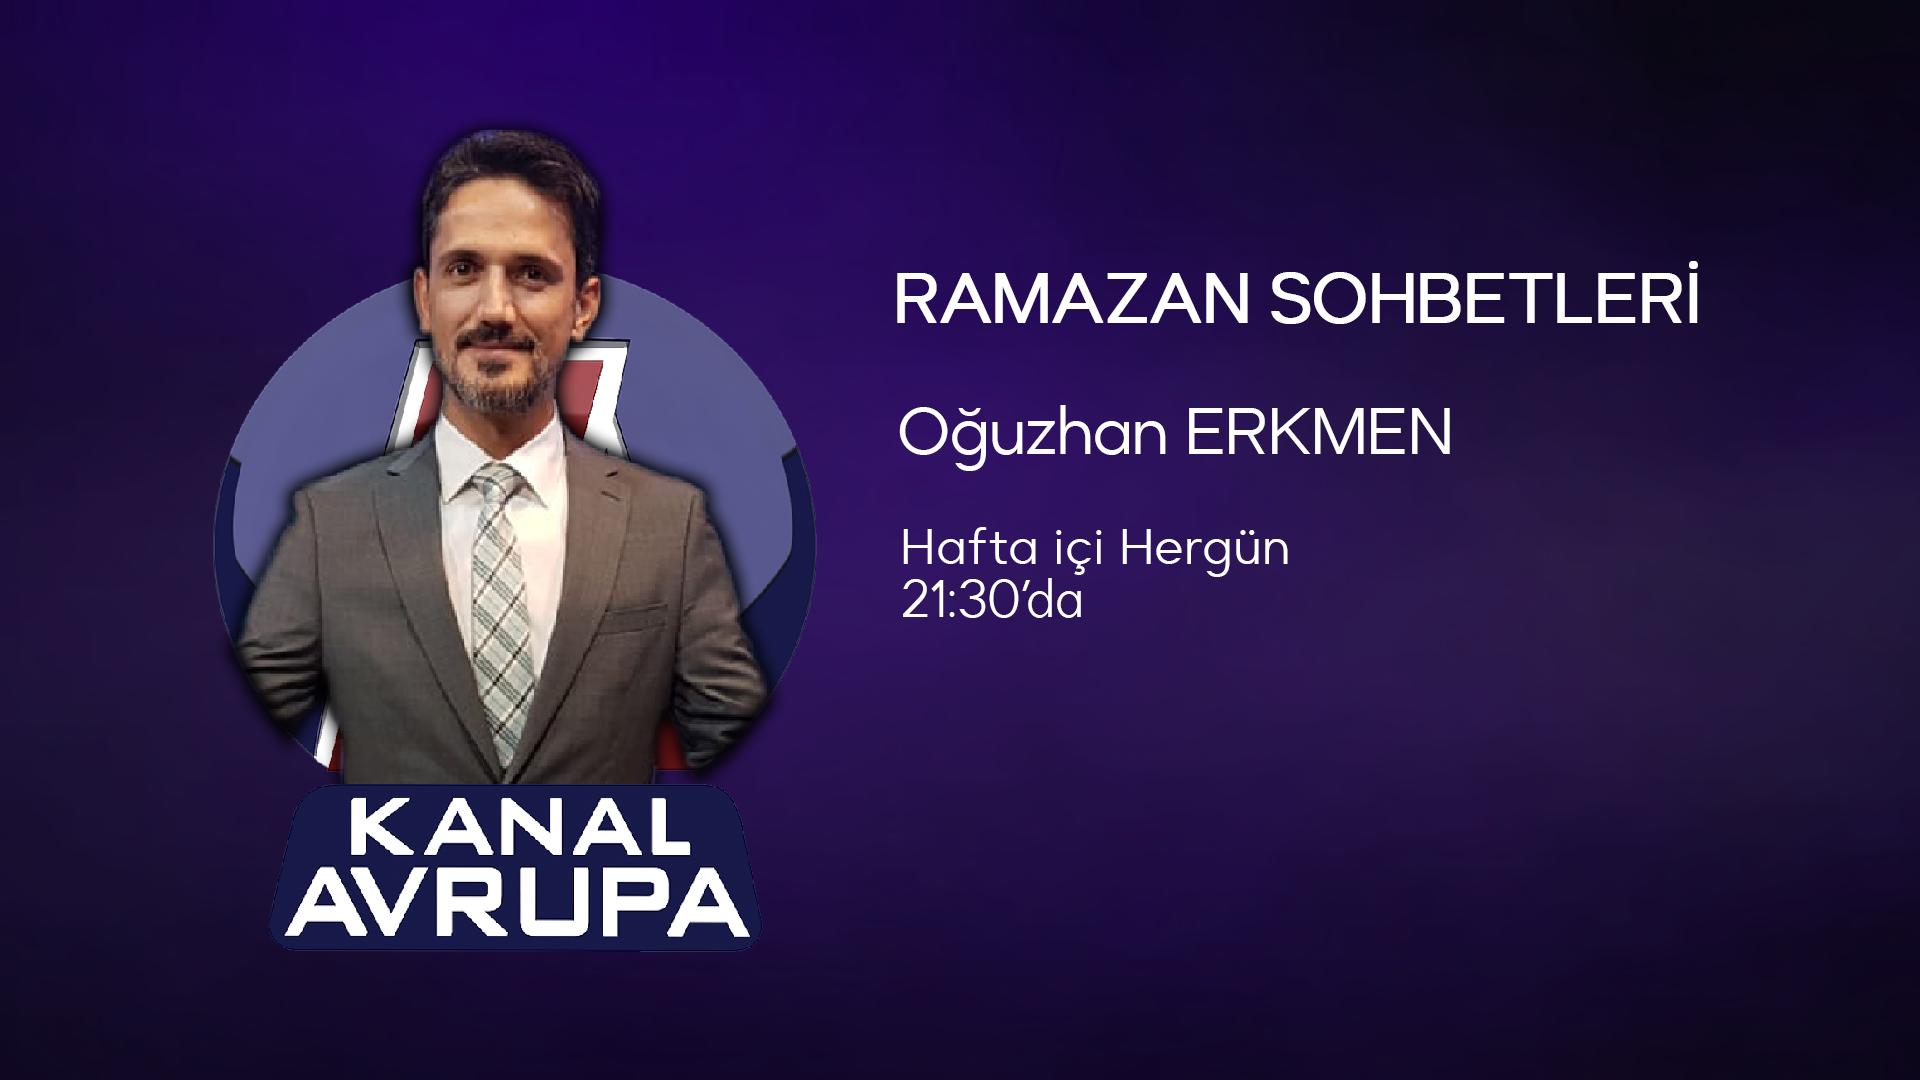 RAMAZAN_SOHBETLERI